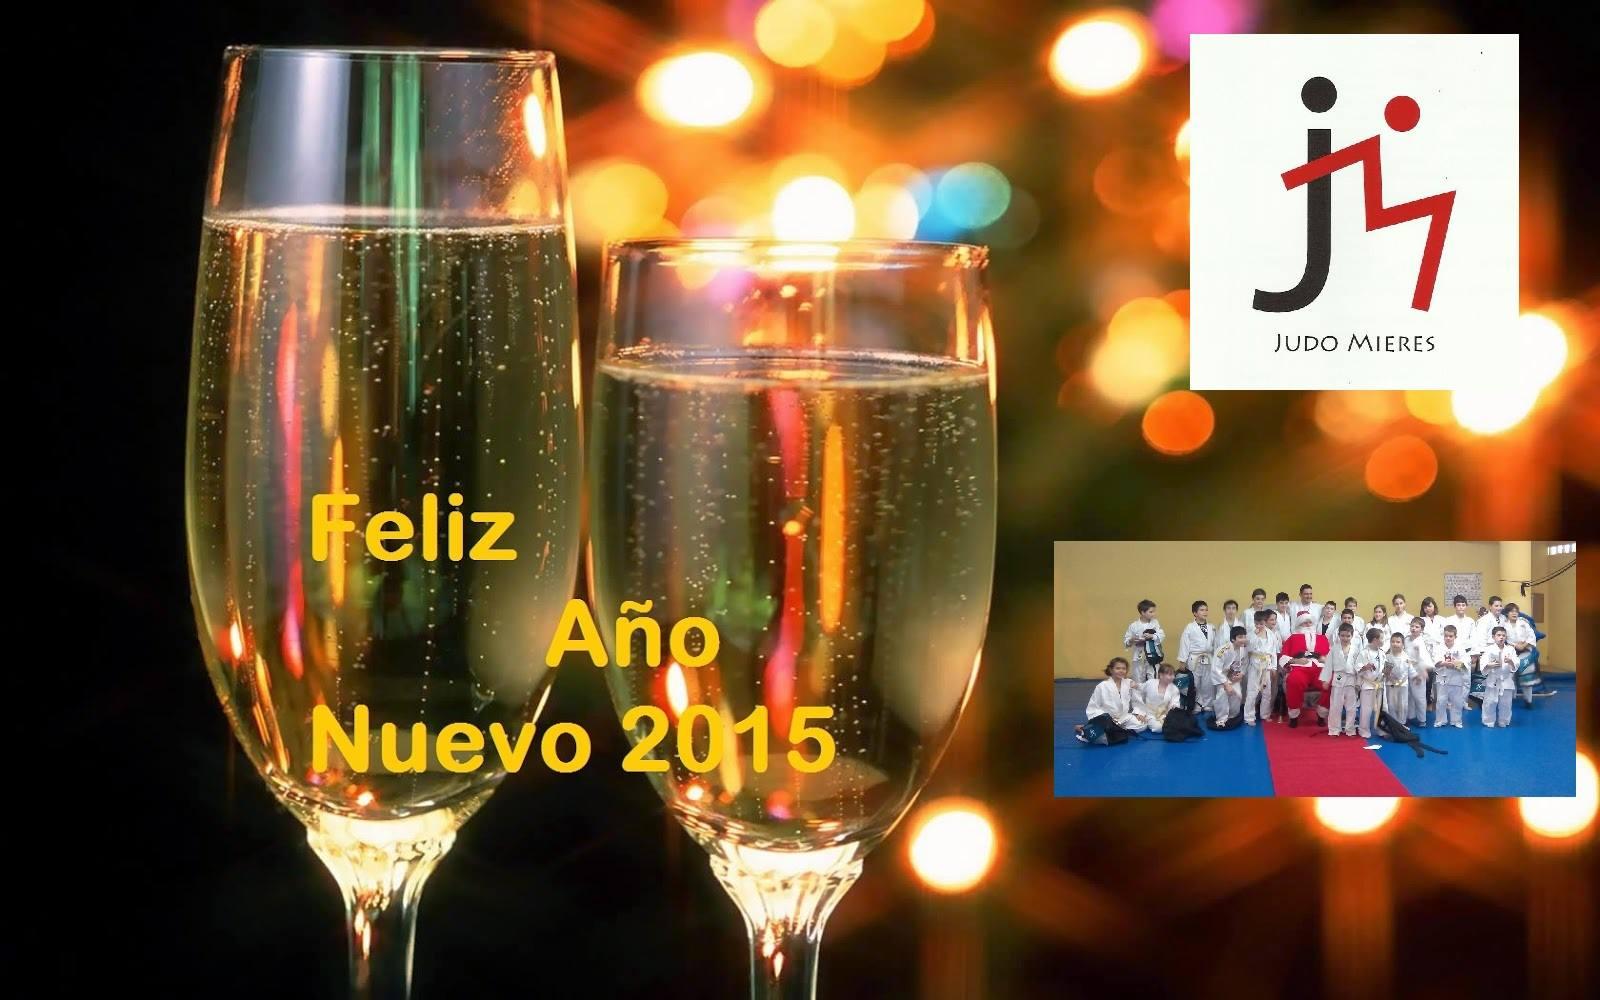 feliz-ano-nuevo-judo-mieres